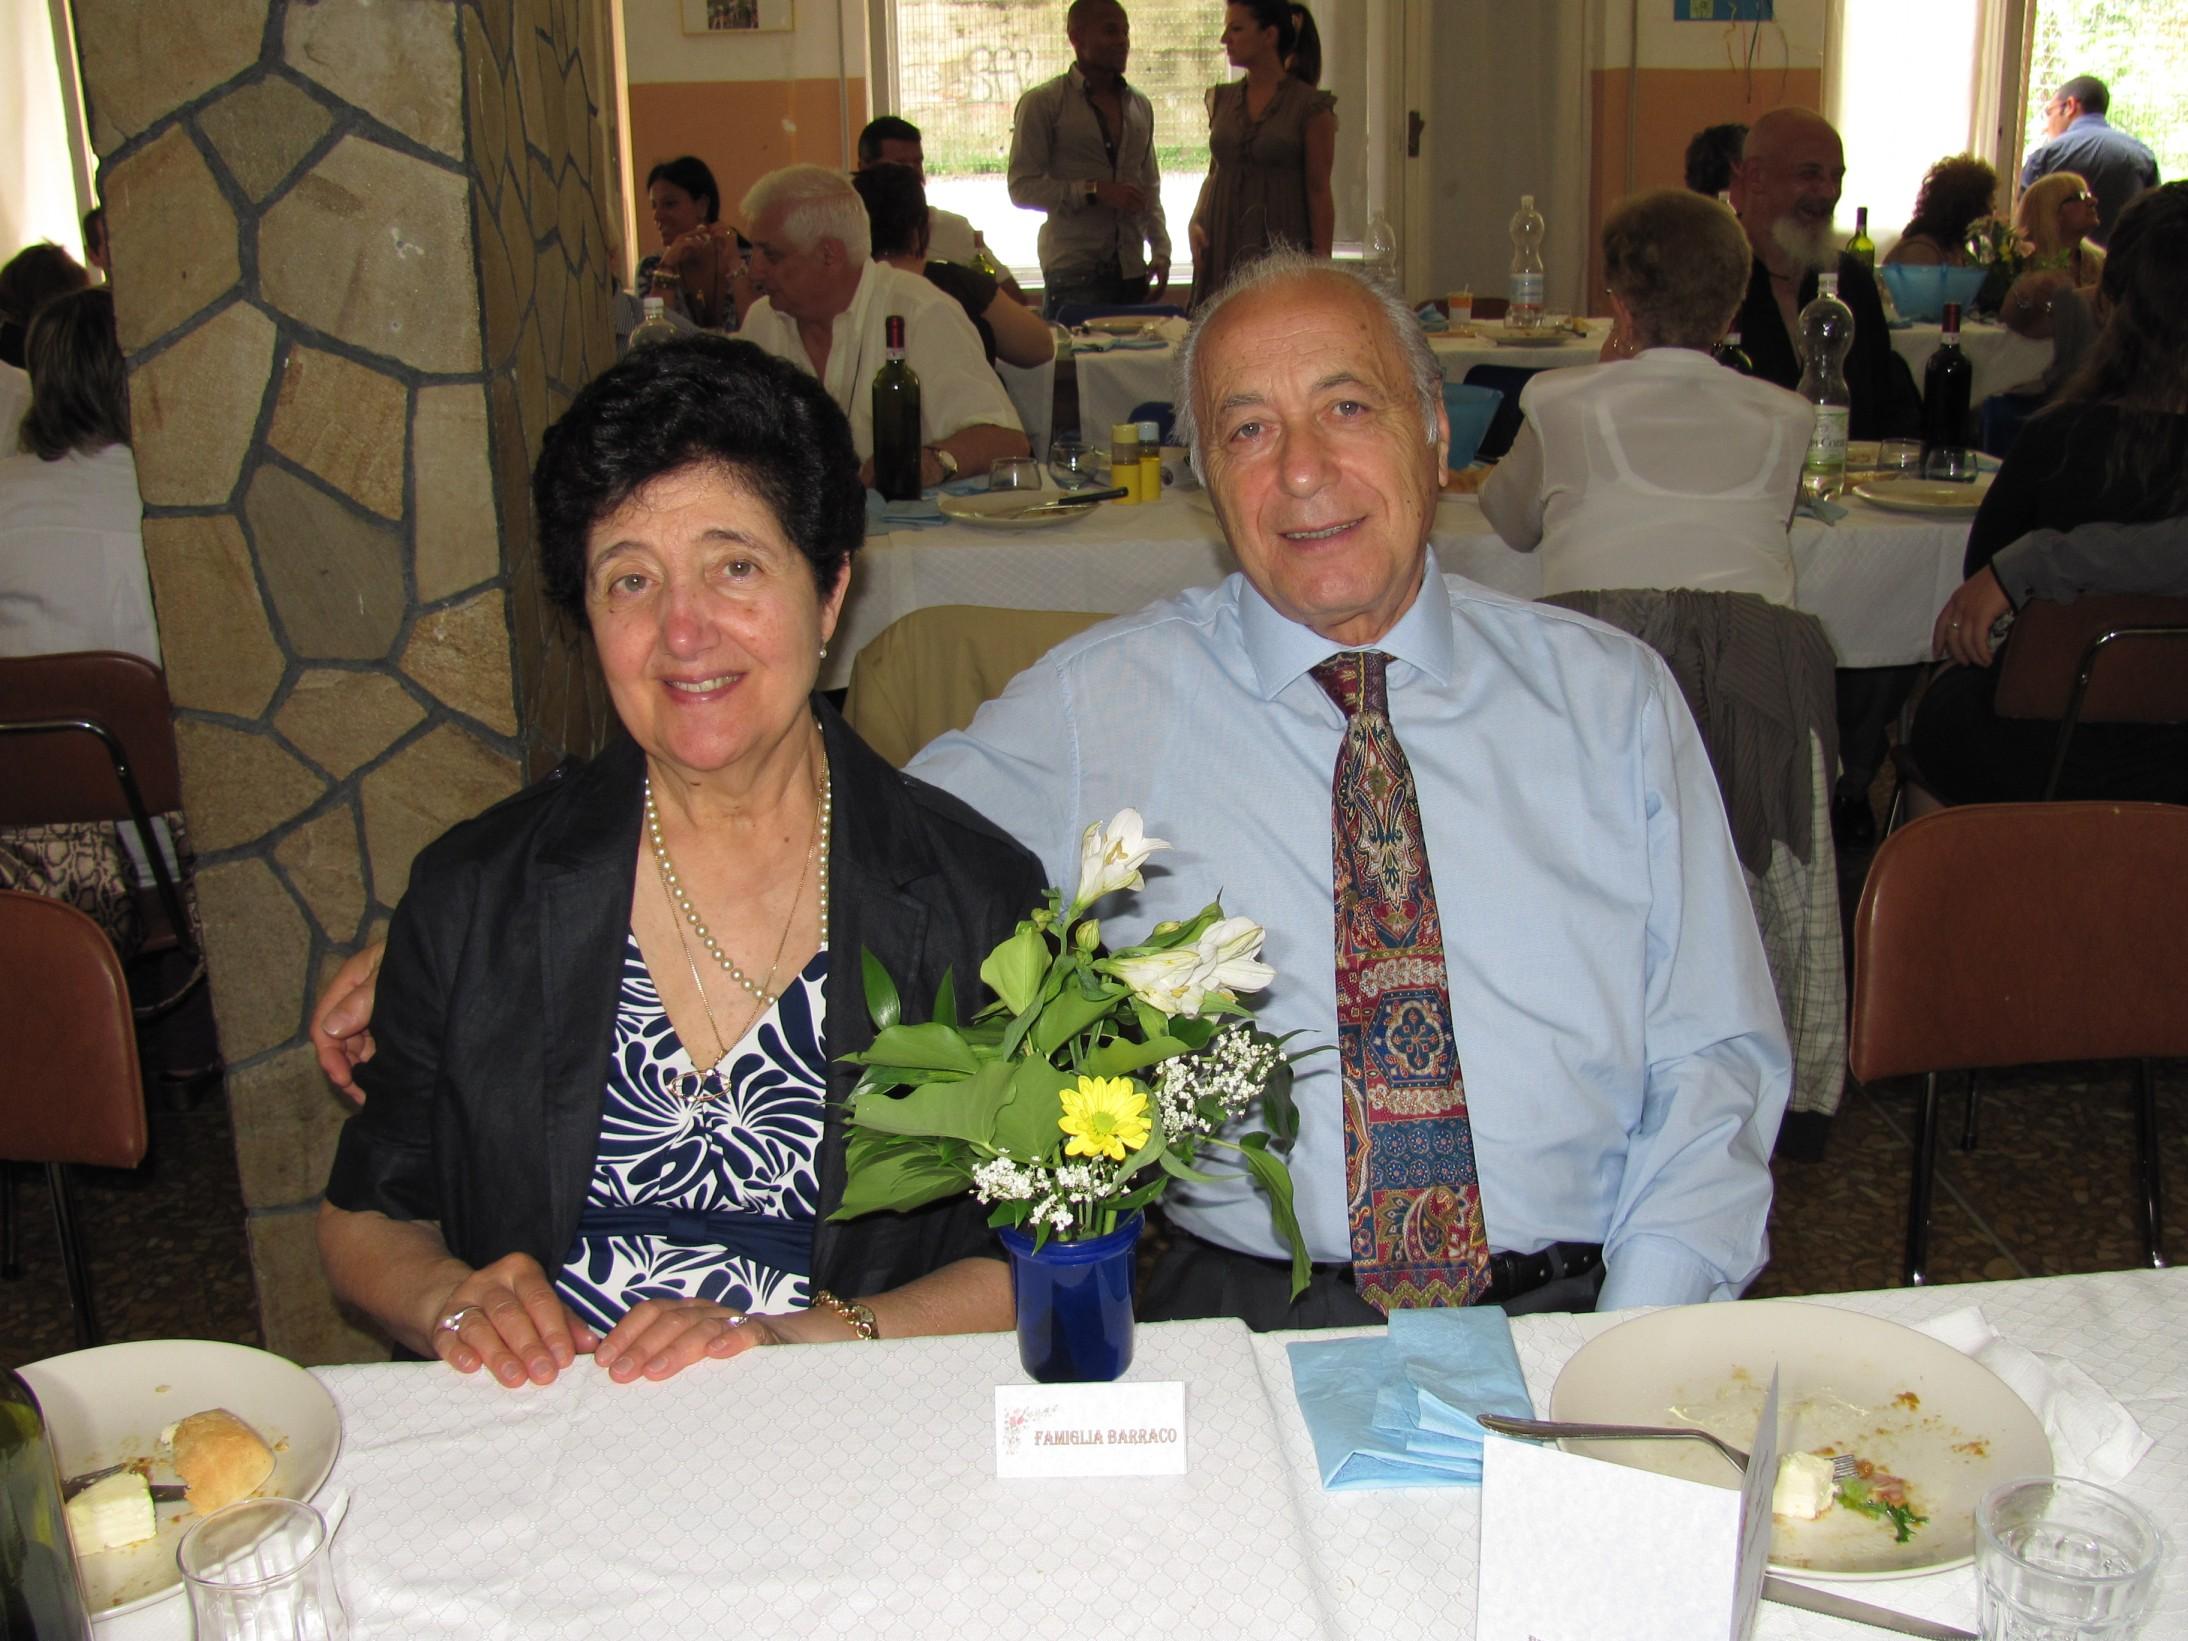 anniversari_matrimonio-2011-06-05-14-10-37